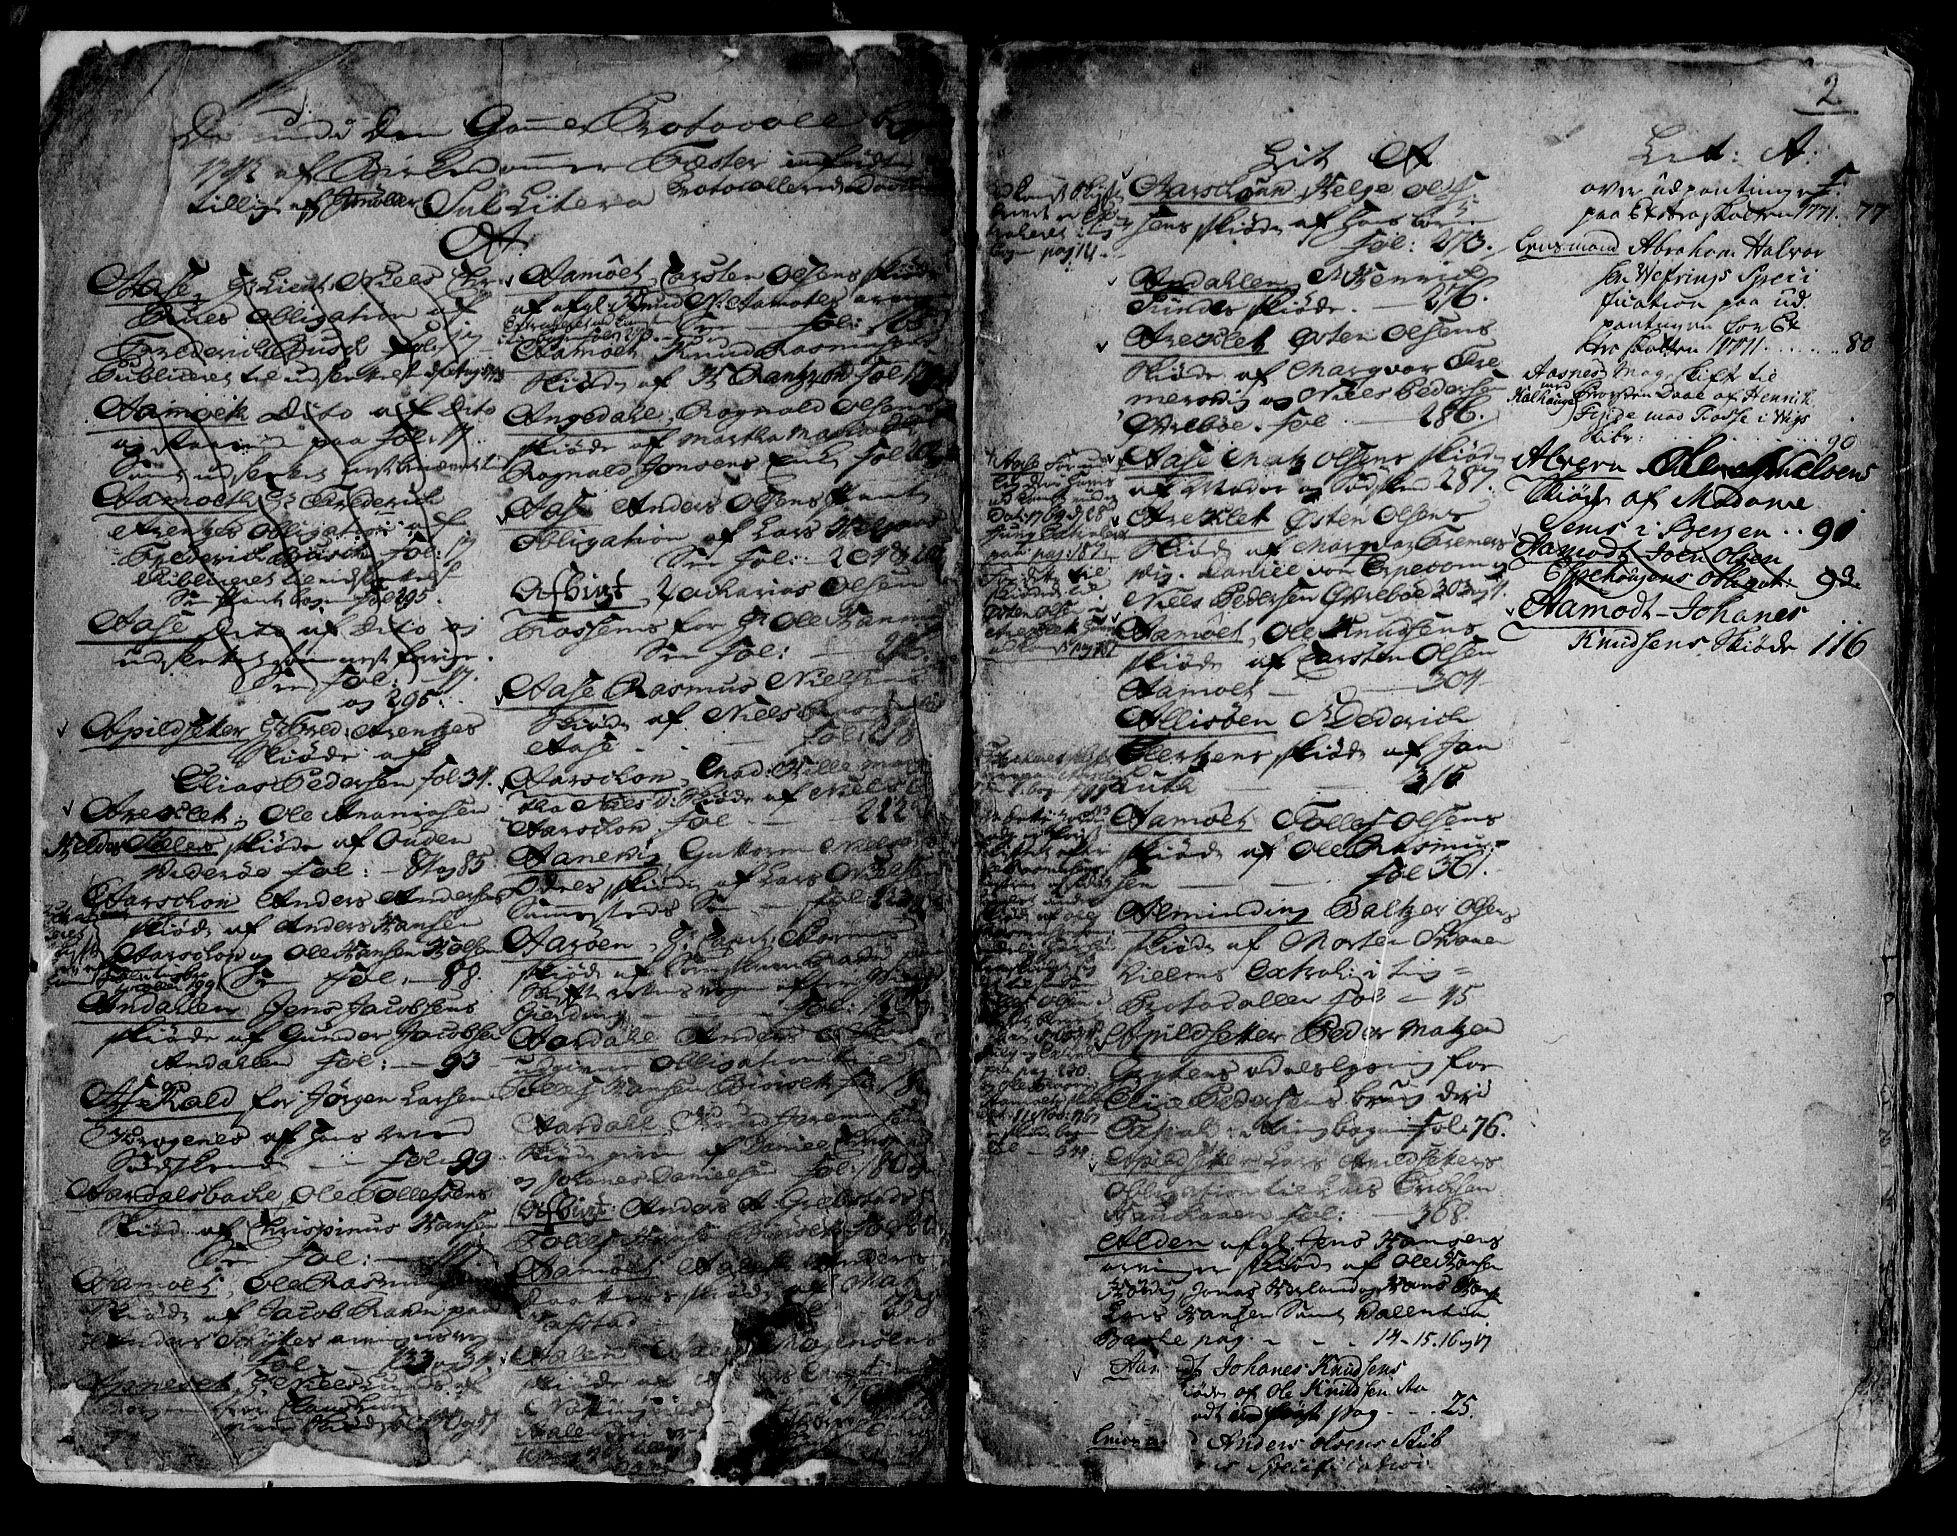 SAB, Sunnfjord tingrett, G/Gb/Gba/L0006b: Pantebok nr. II.B.6b, 1742-1769, s. 2